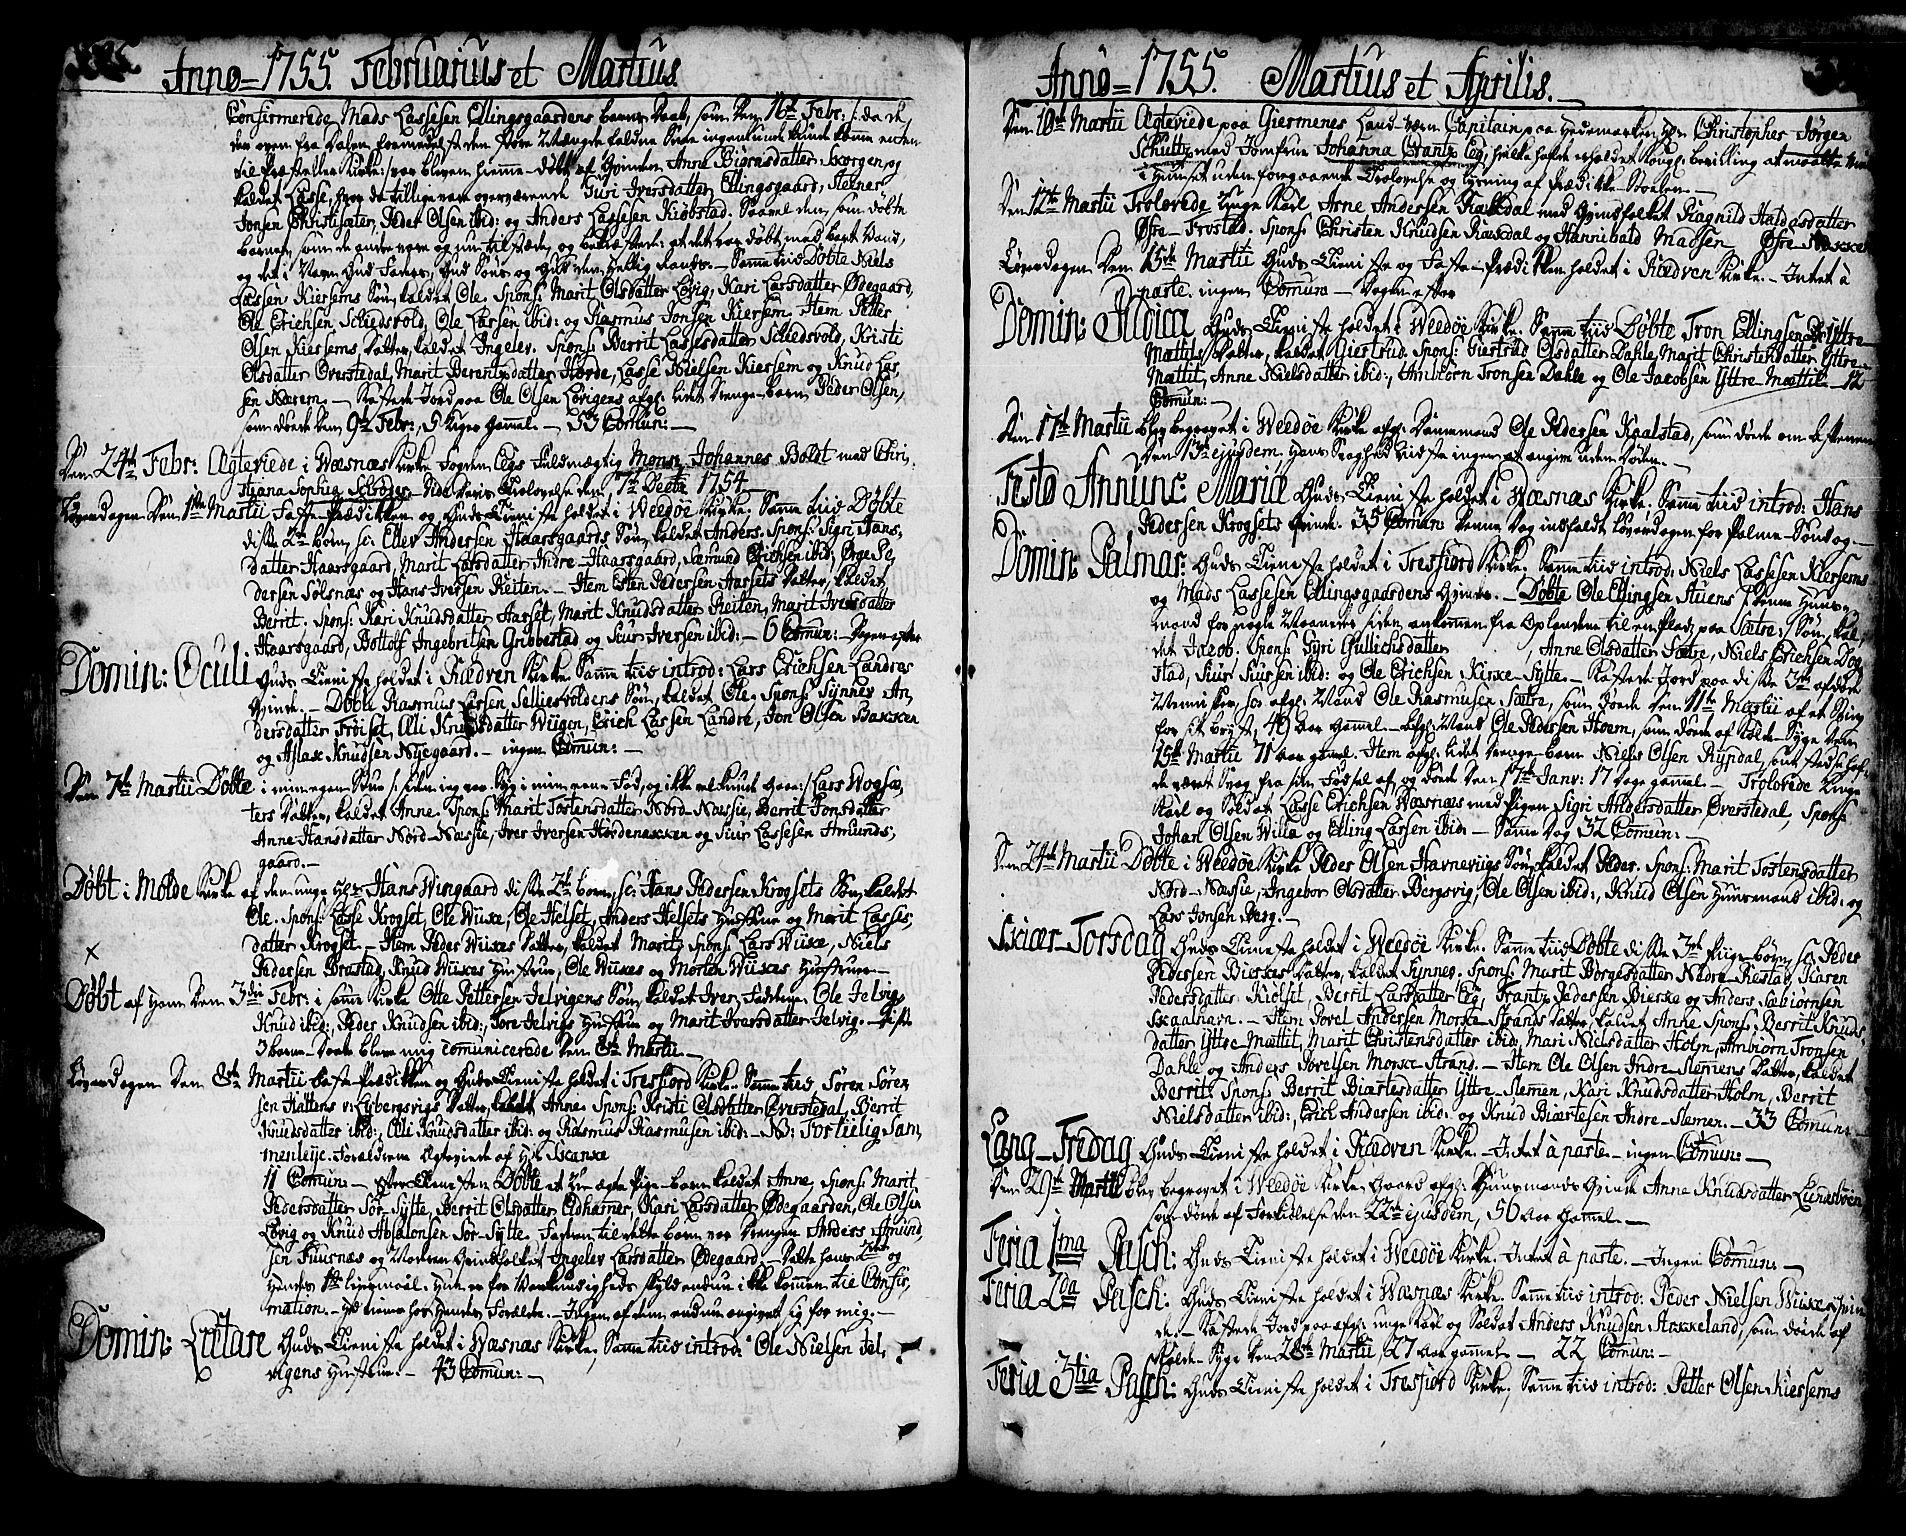 SAT, Ministerialprotokoller, klokkerbøker og fødselsregistre - Møre og Romsdal, 547/L0599: Ministerialbok nr. 547A01, 1721-1764, s. 395-396